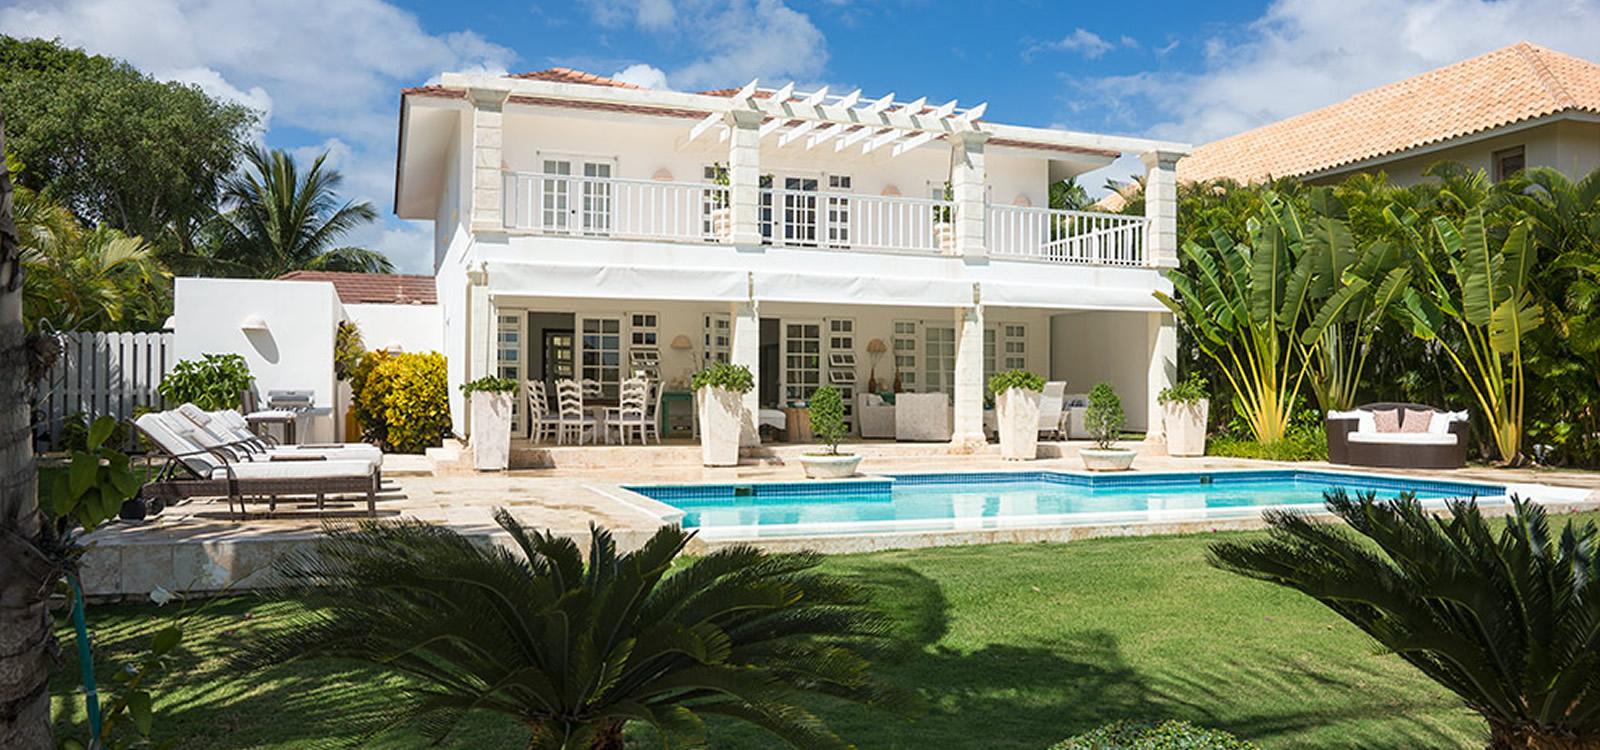 Charming 4 bedroom villa for sale in punta cana dominican for Villas en punta cana